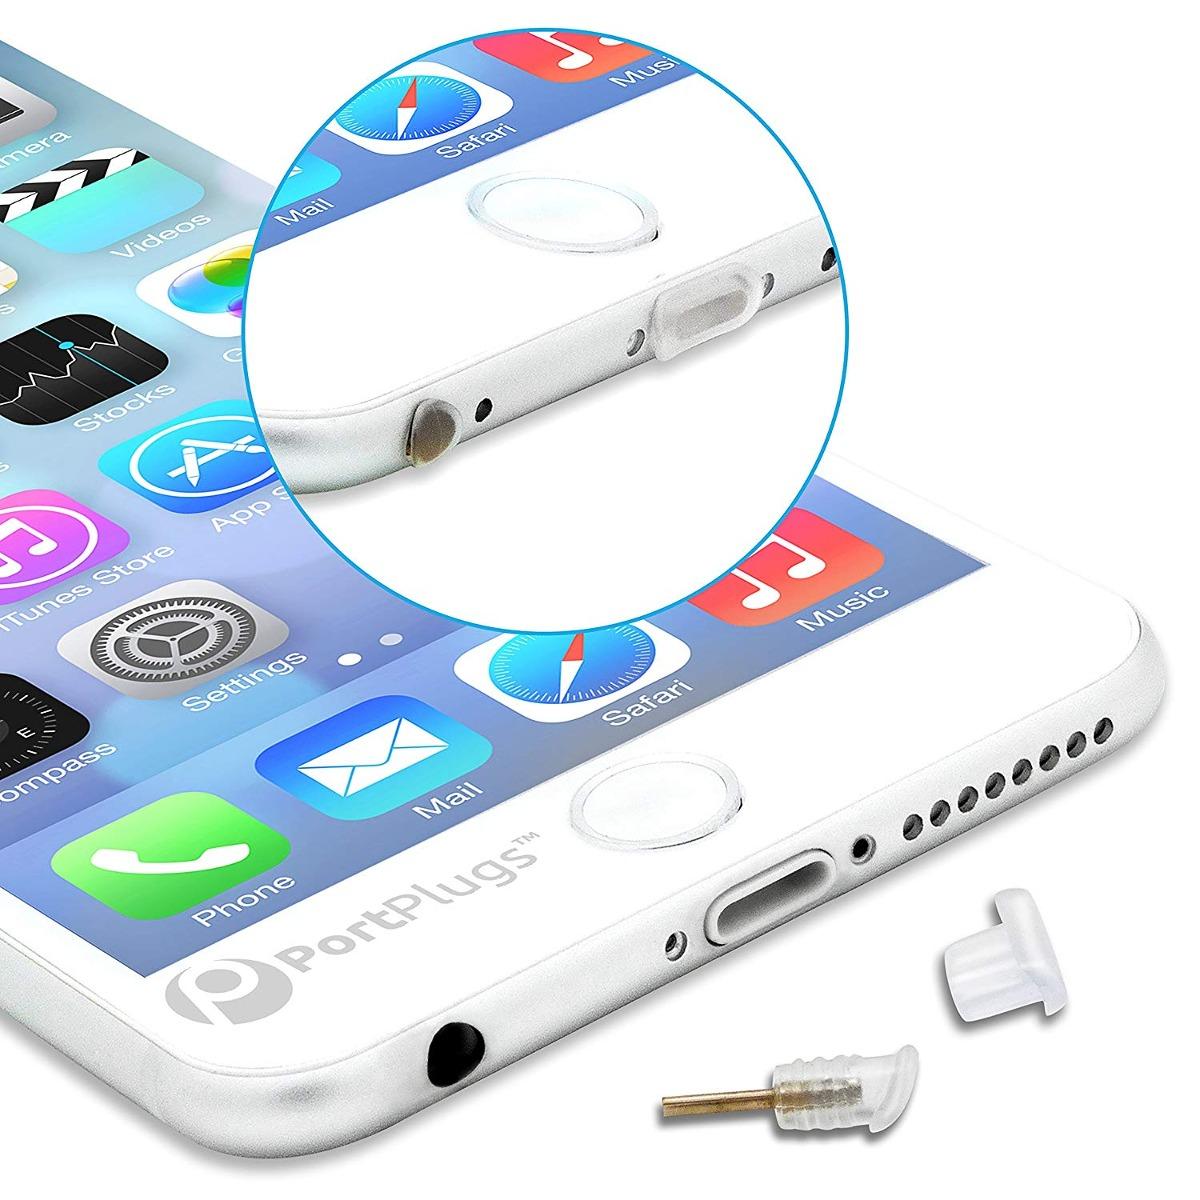 Carcasa Juego De Enchufe De Polvo Para Iphone 6 Envio Gratis